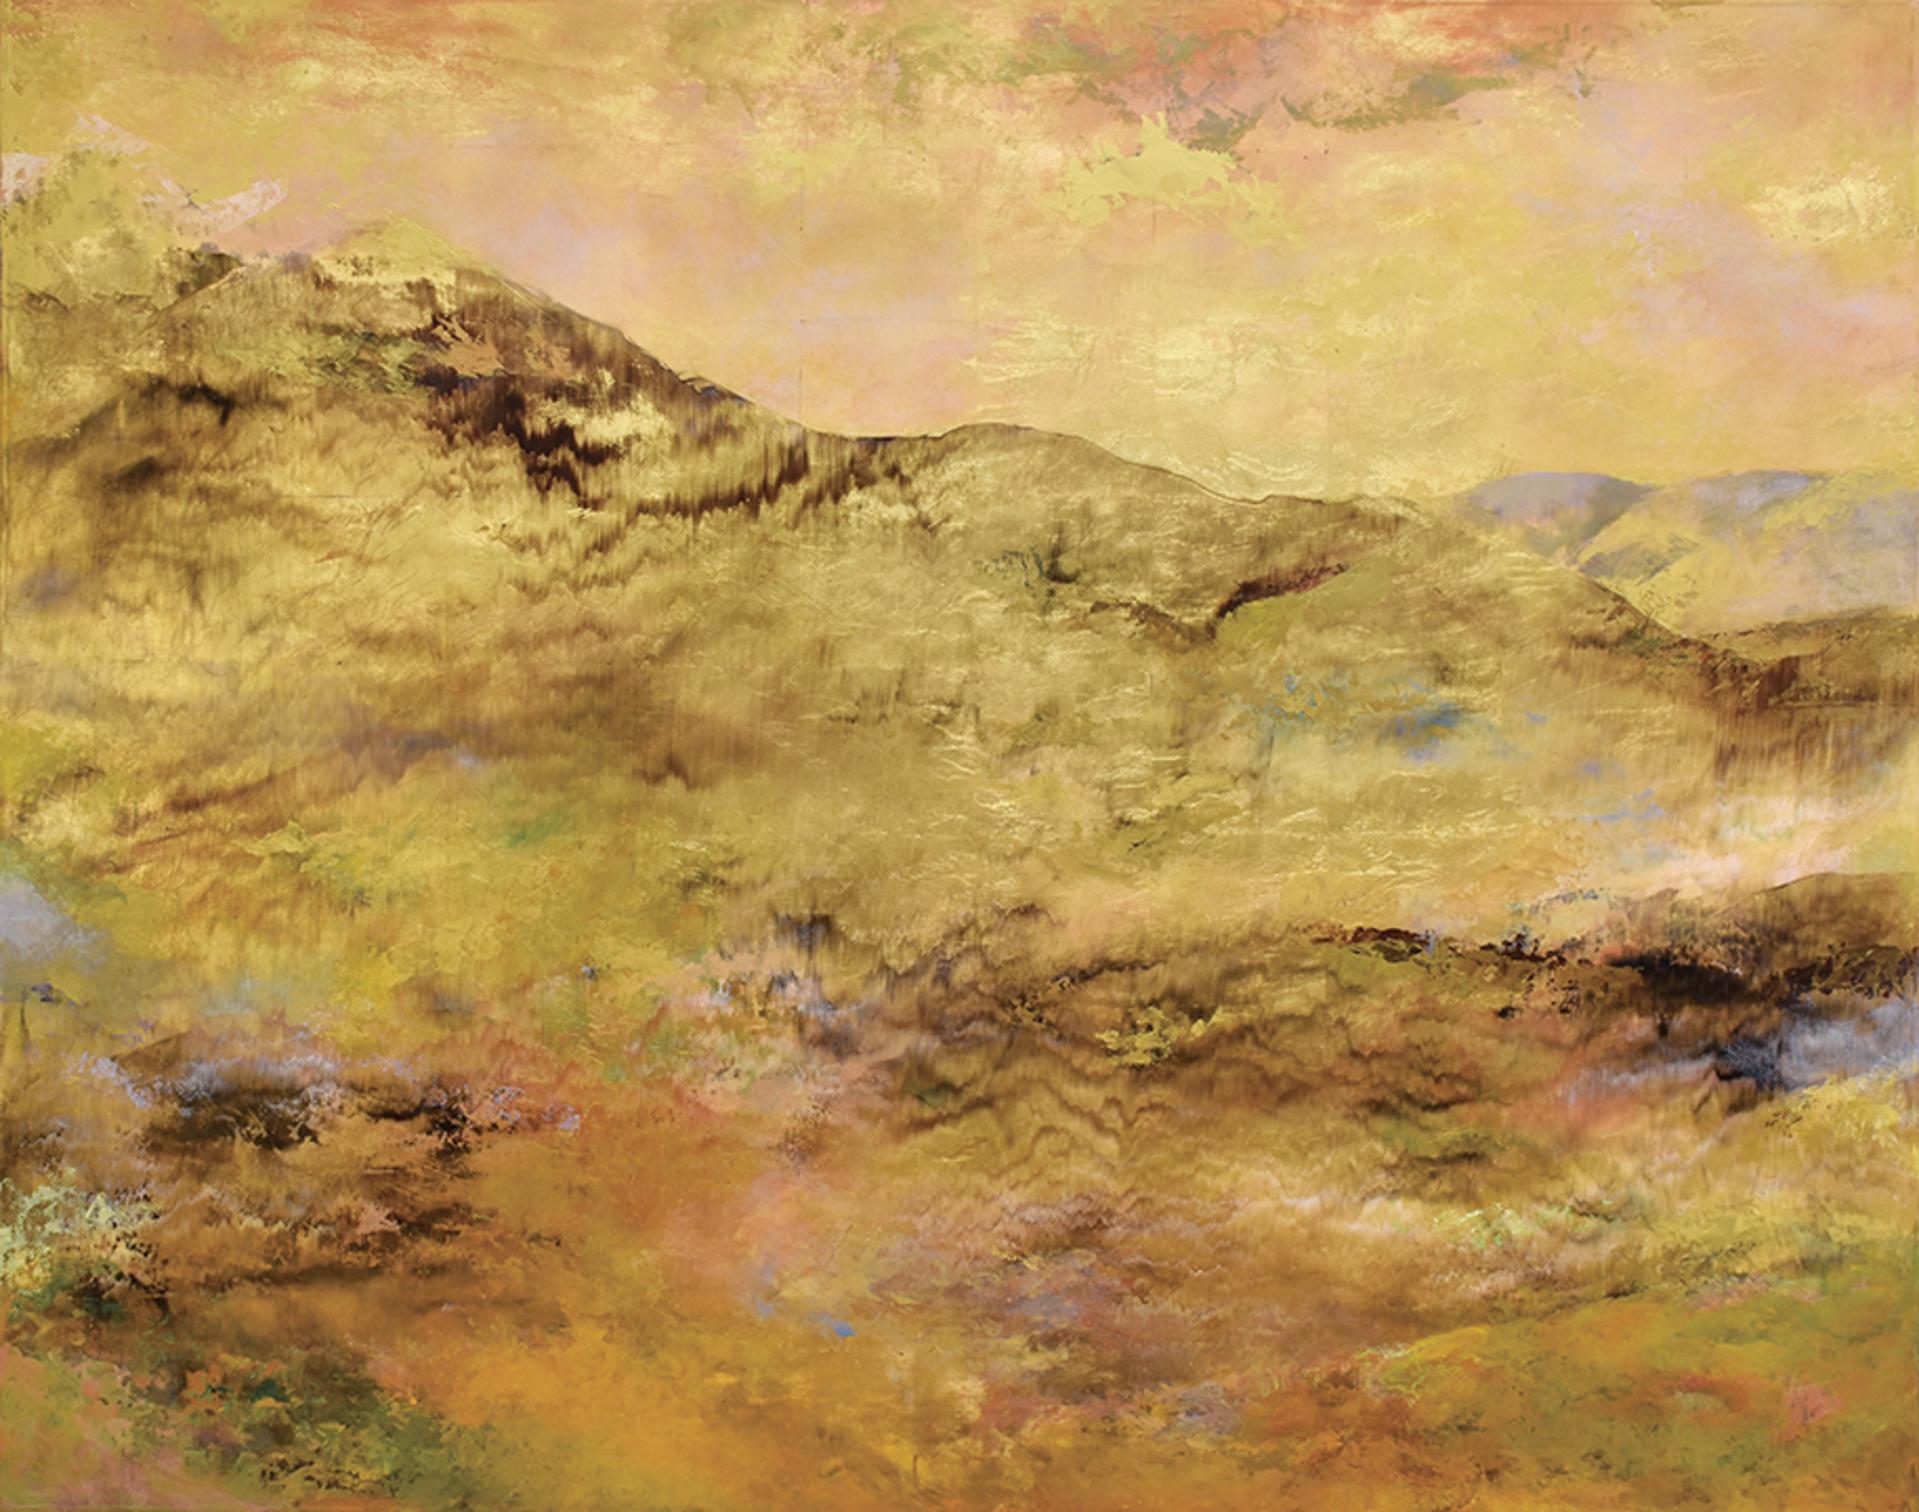 Mountain Trail by Nancy Reyner